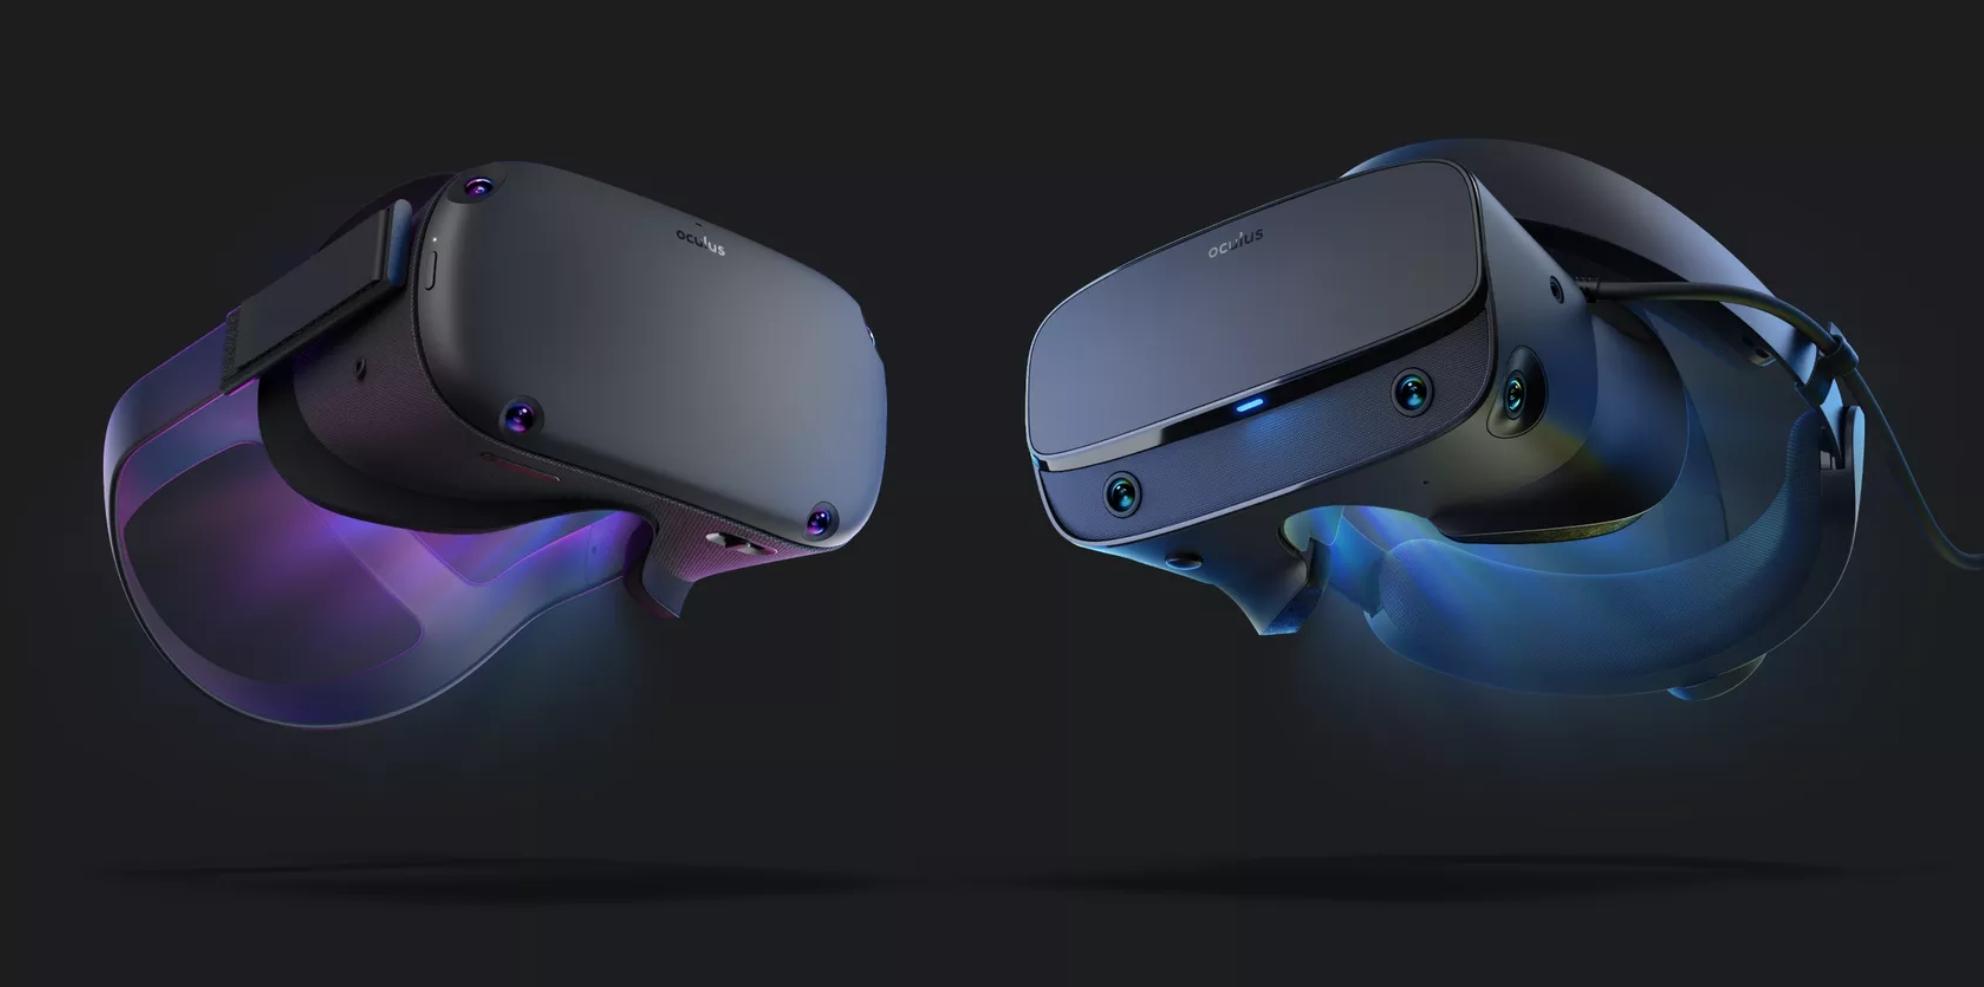 Oculus Rift har kommet i S-utgave med høyere oppløsning